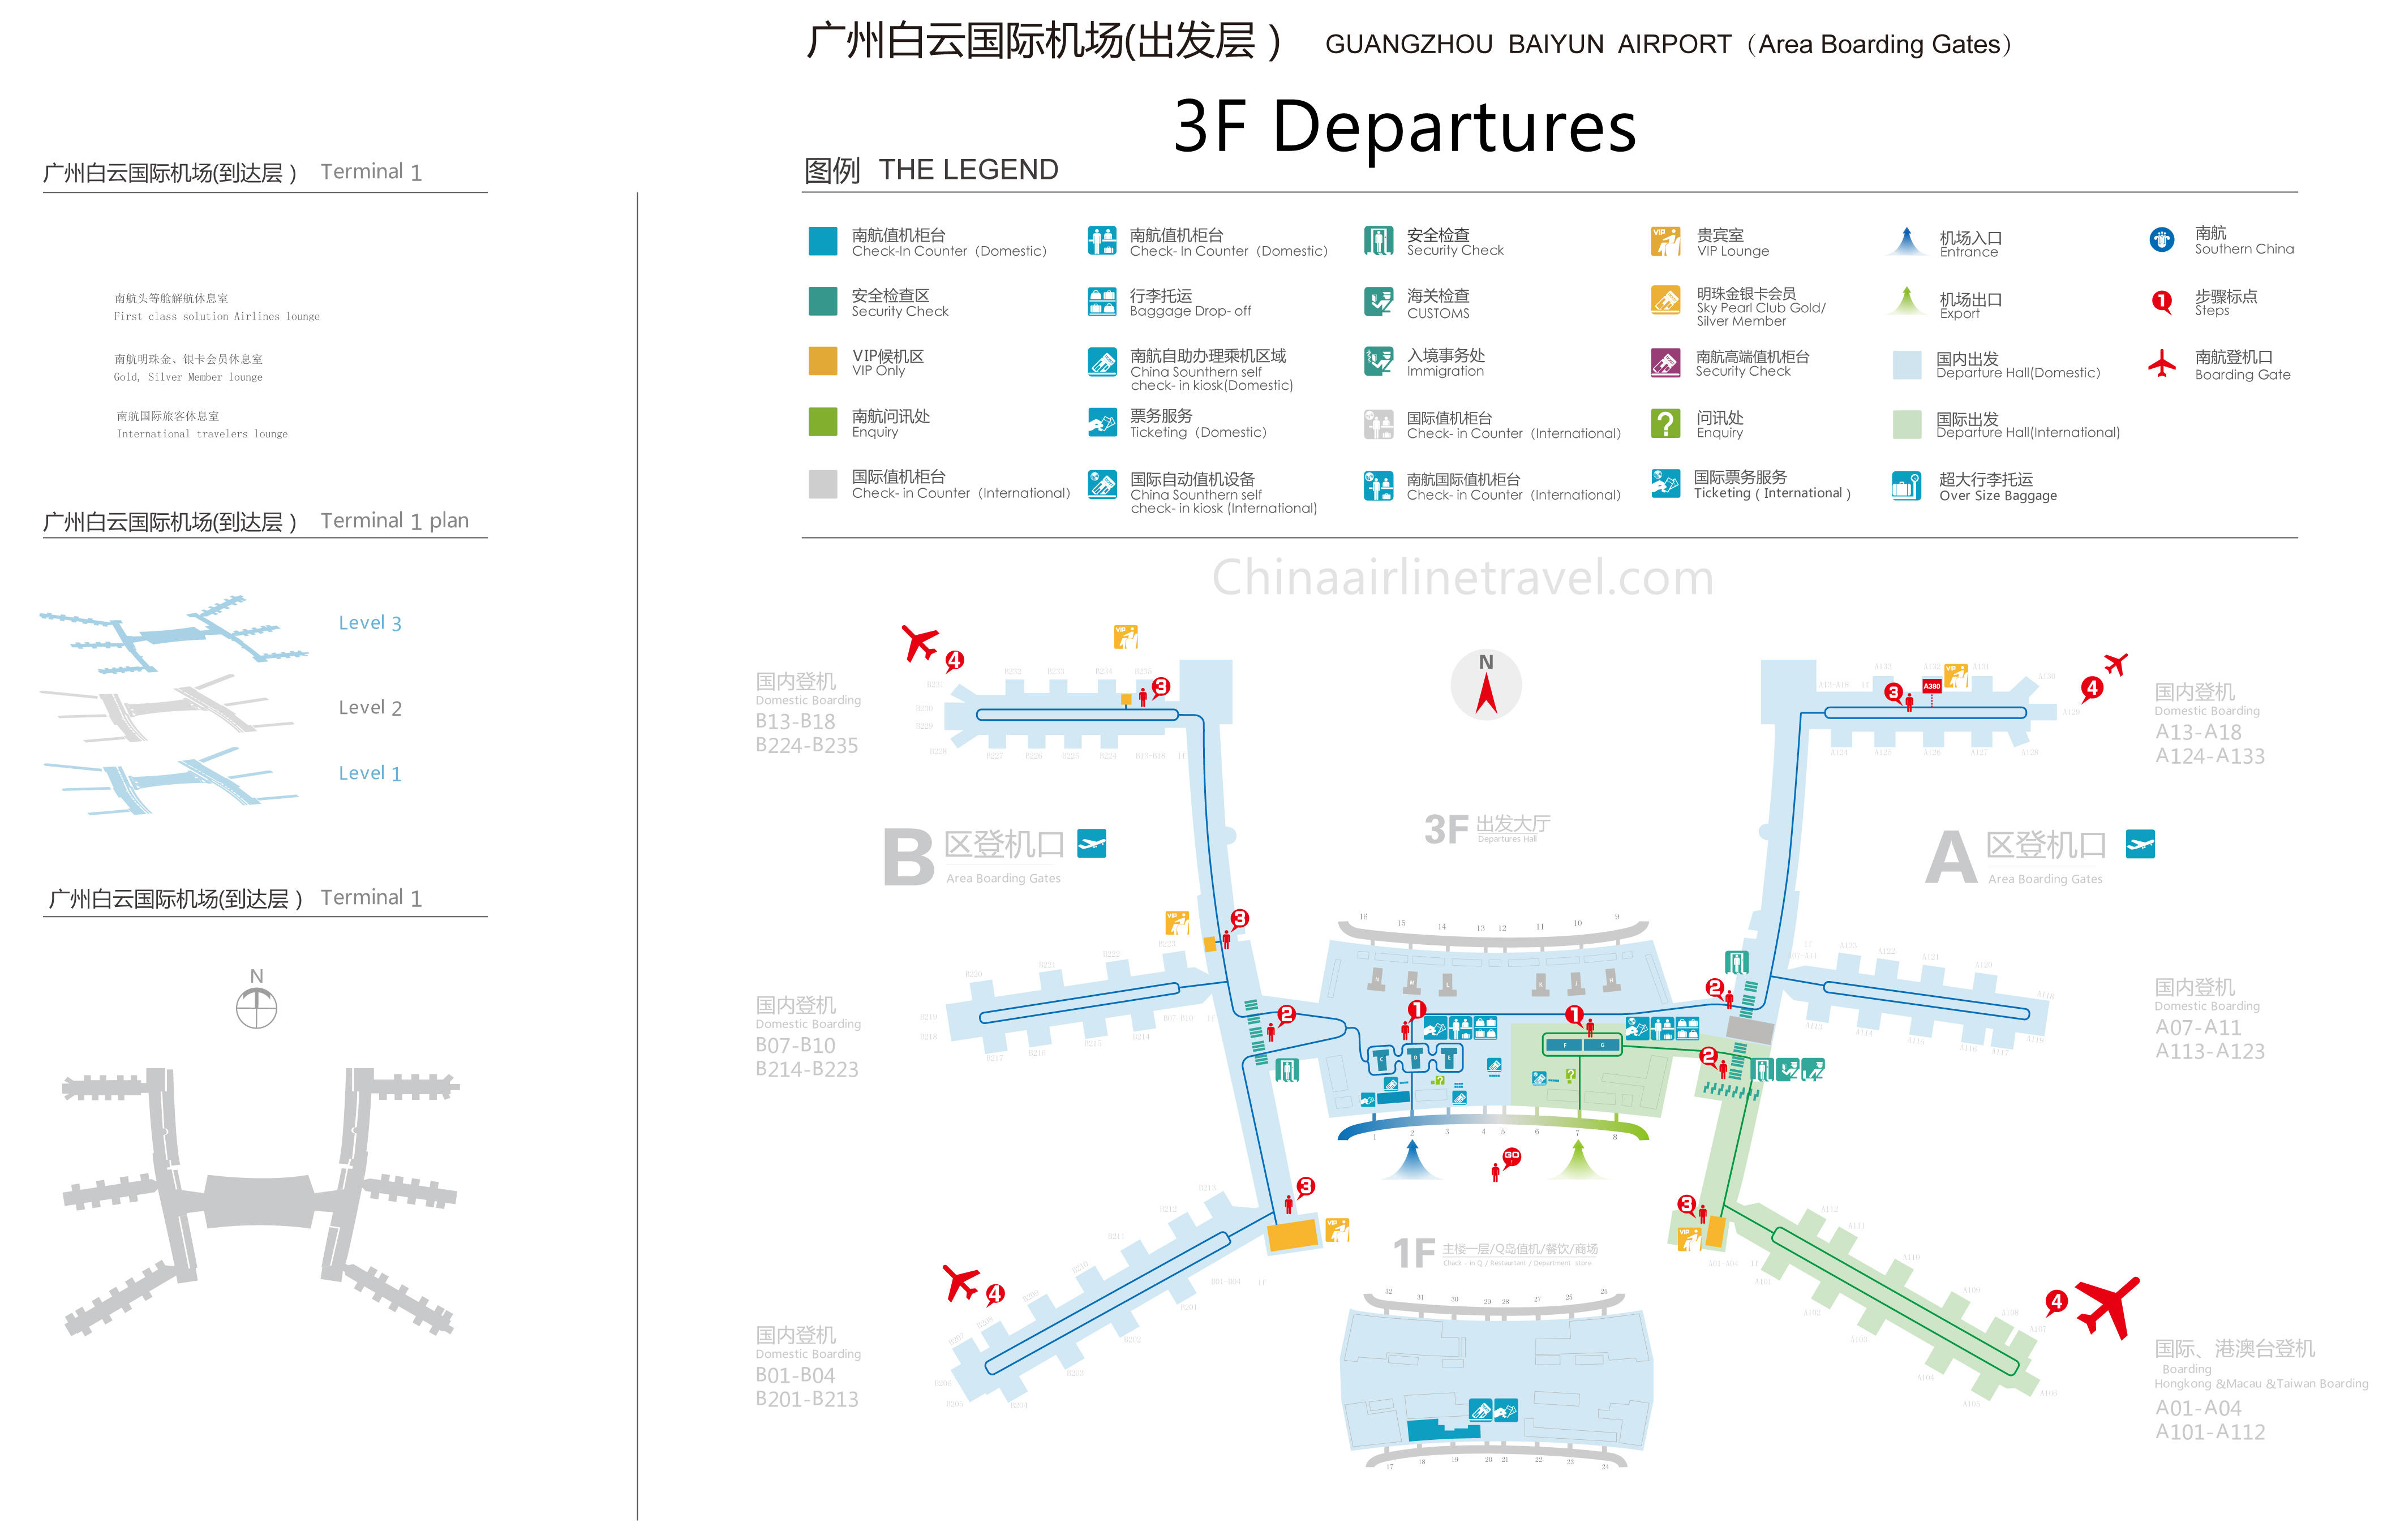 Guangzhou Baiyun Airport Map Terminal 1 Layout plan of Guangzhou Baiyun Airport, T1 layout